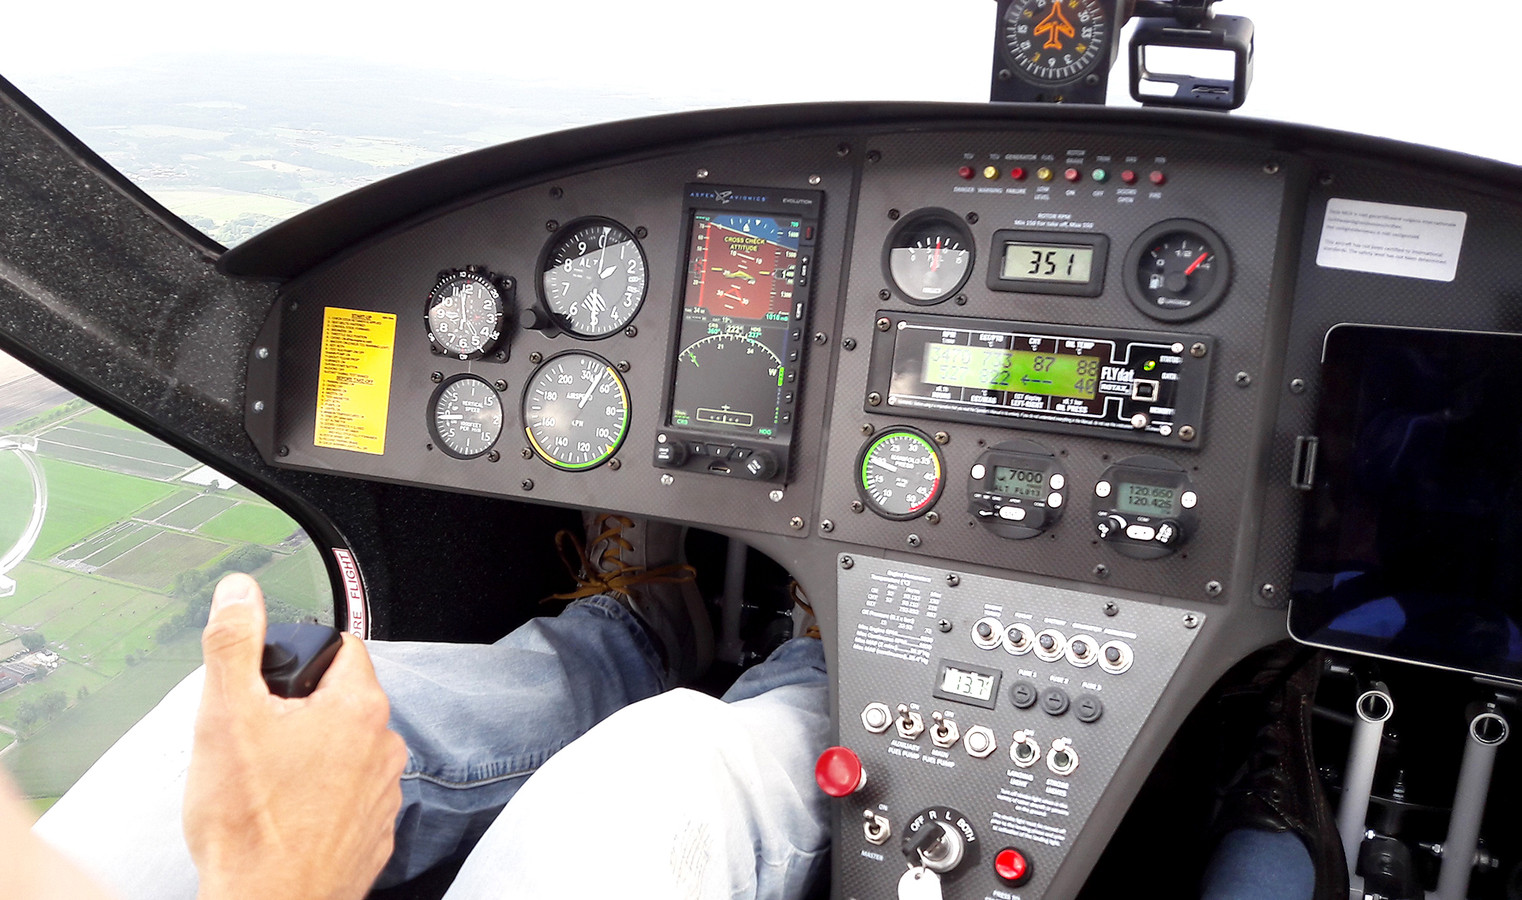 De cockpit van de gyrocopter in de lucht